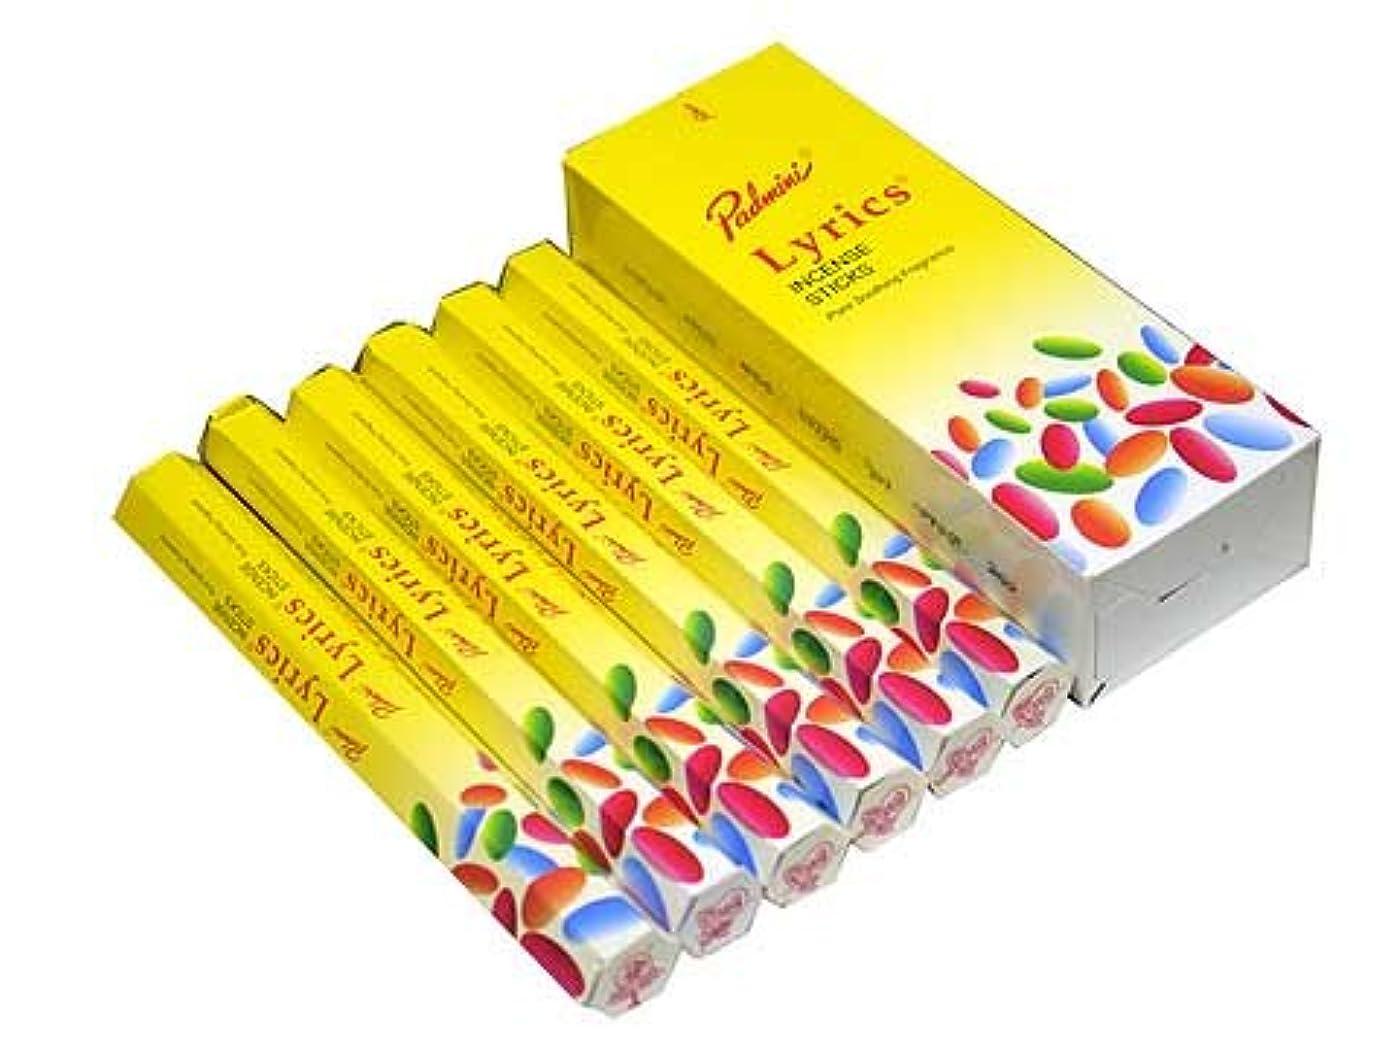 リースニッケル爆発物PADMINI(パドミニ) パドミニ リリックス香 スティック LYRICS 6箱セット